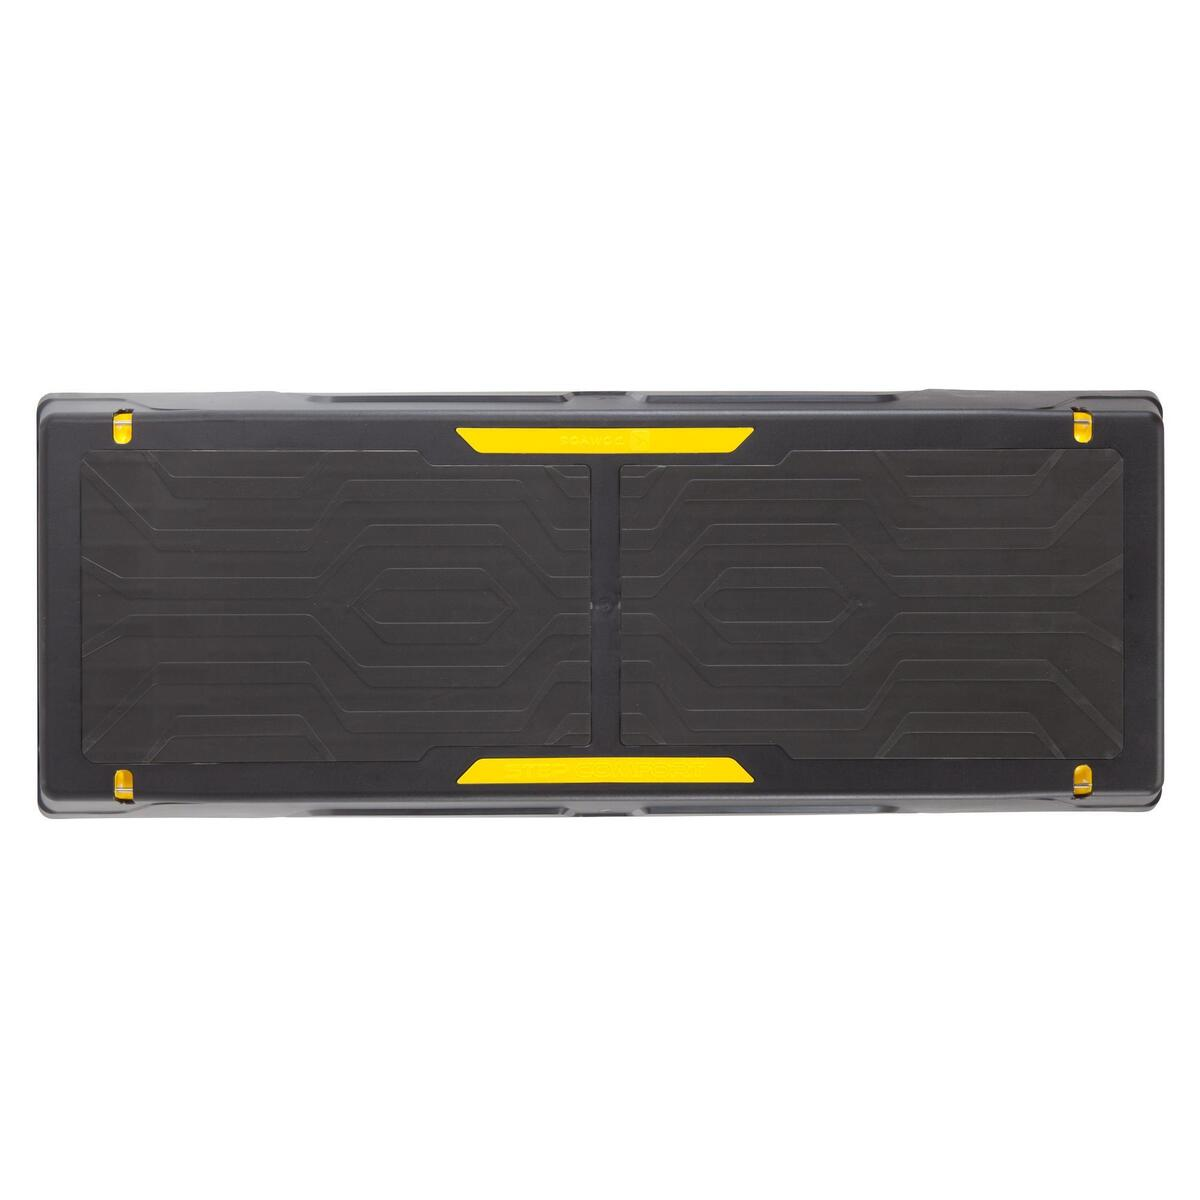 Bild 4 von Stepbank Komfort schwarz/gelb